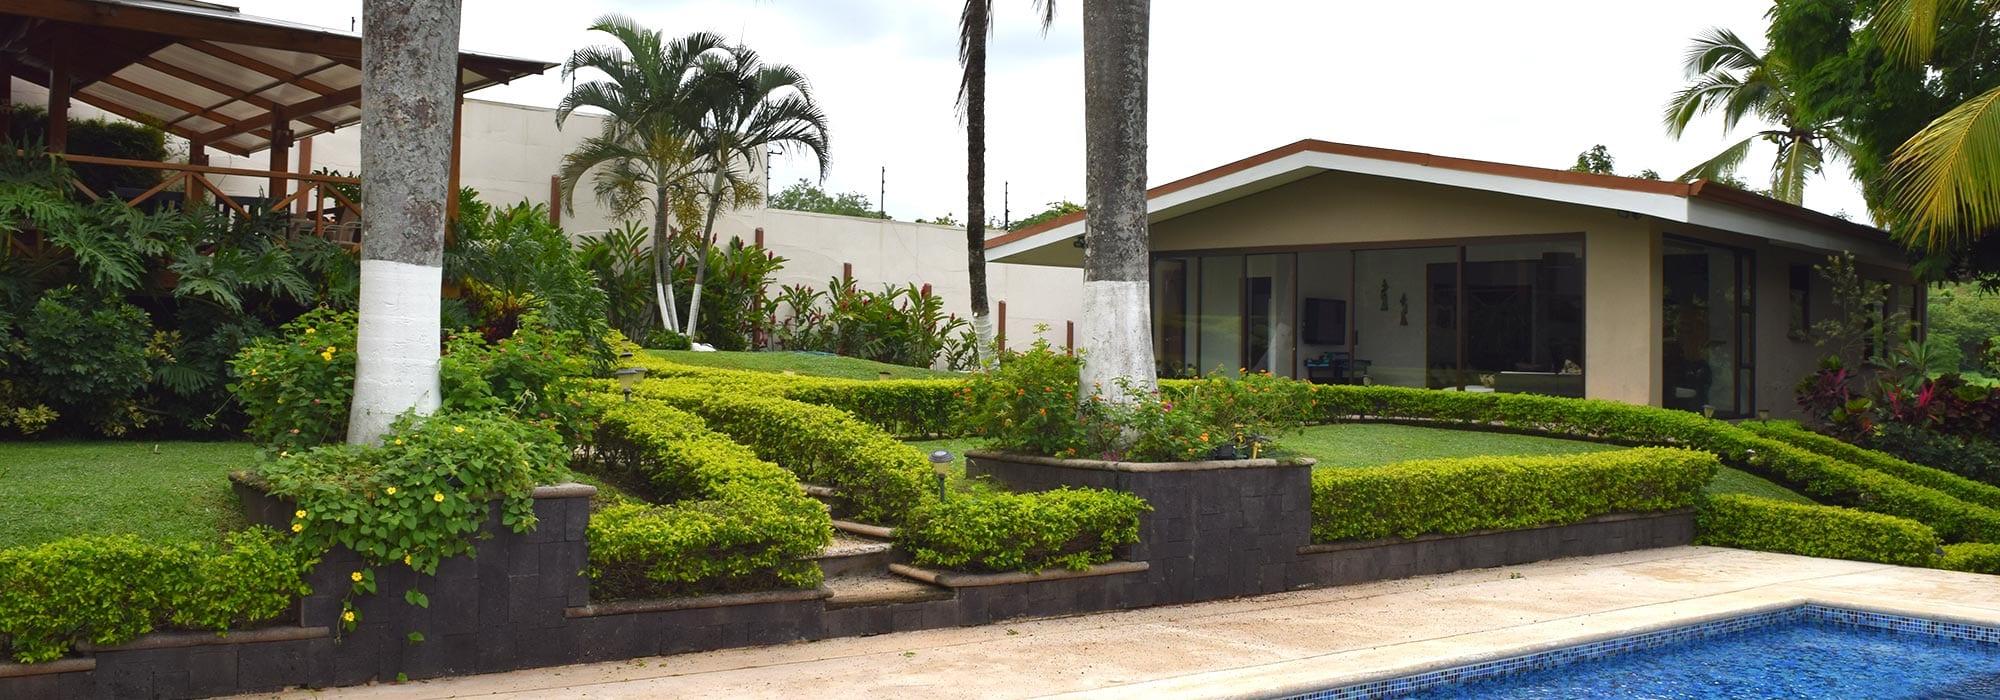 Venta de Casa de Ensueño en La Garita de Alajuela